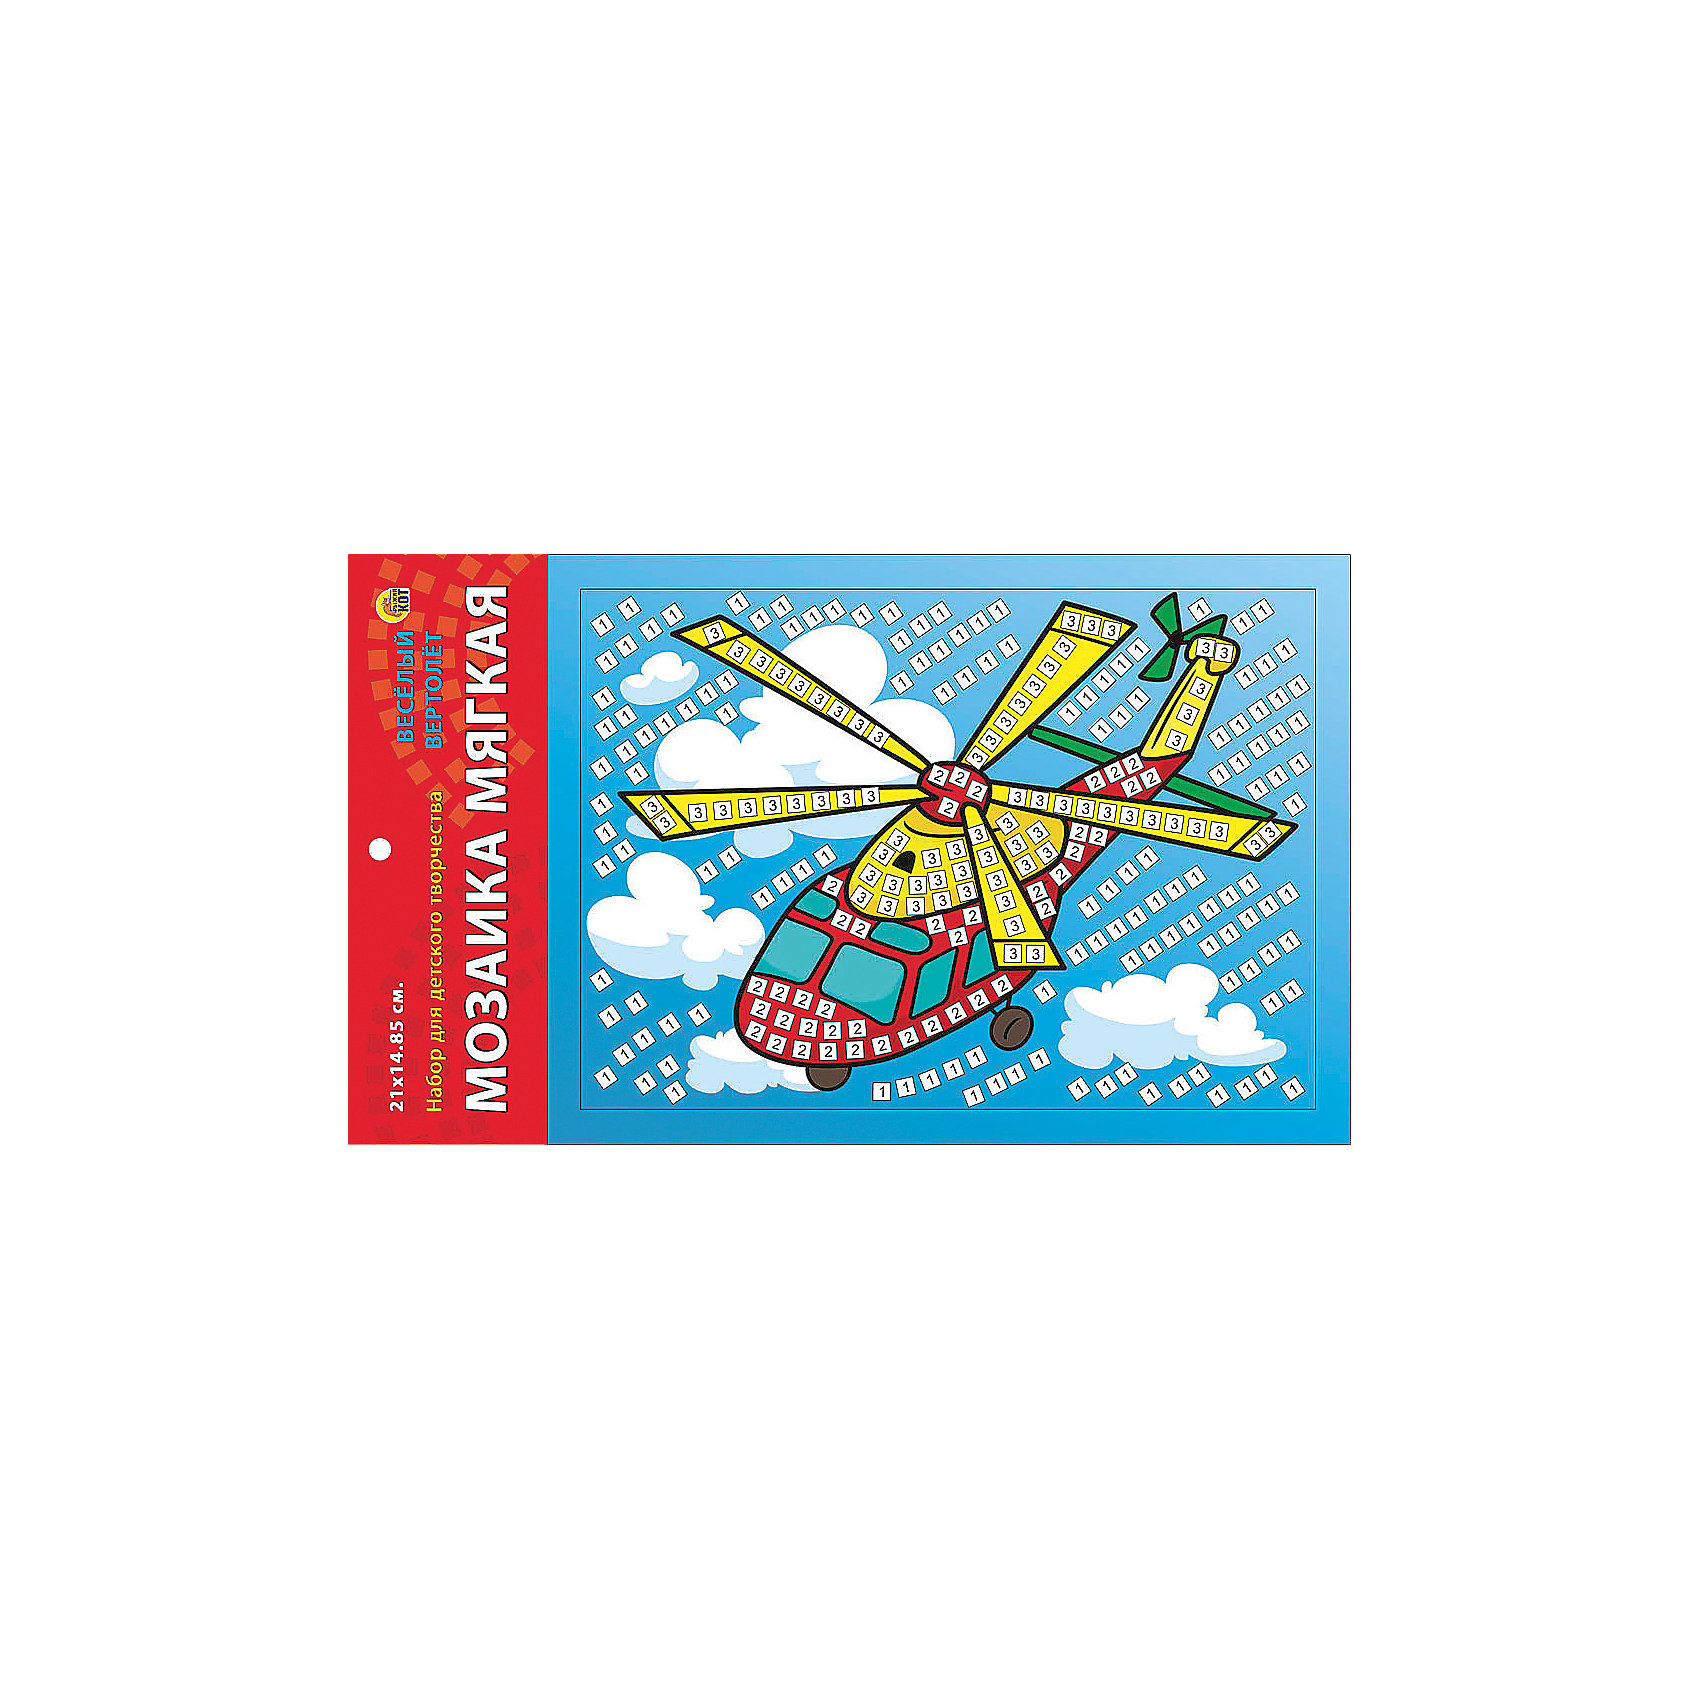 Издательство Рыжий кот Мягкая мозаика Весёлый вертолёт формат А5 (21х15 см) издательство рыжий кот мягкая мозаика обезьянка формат а5 21х15 см